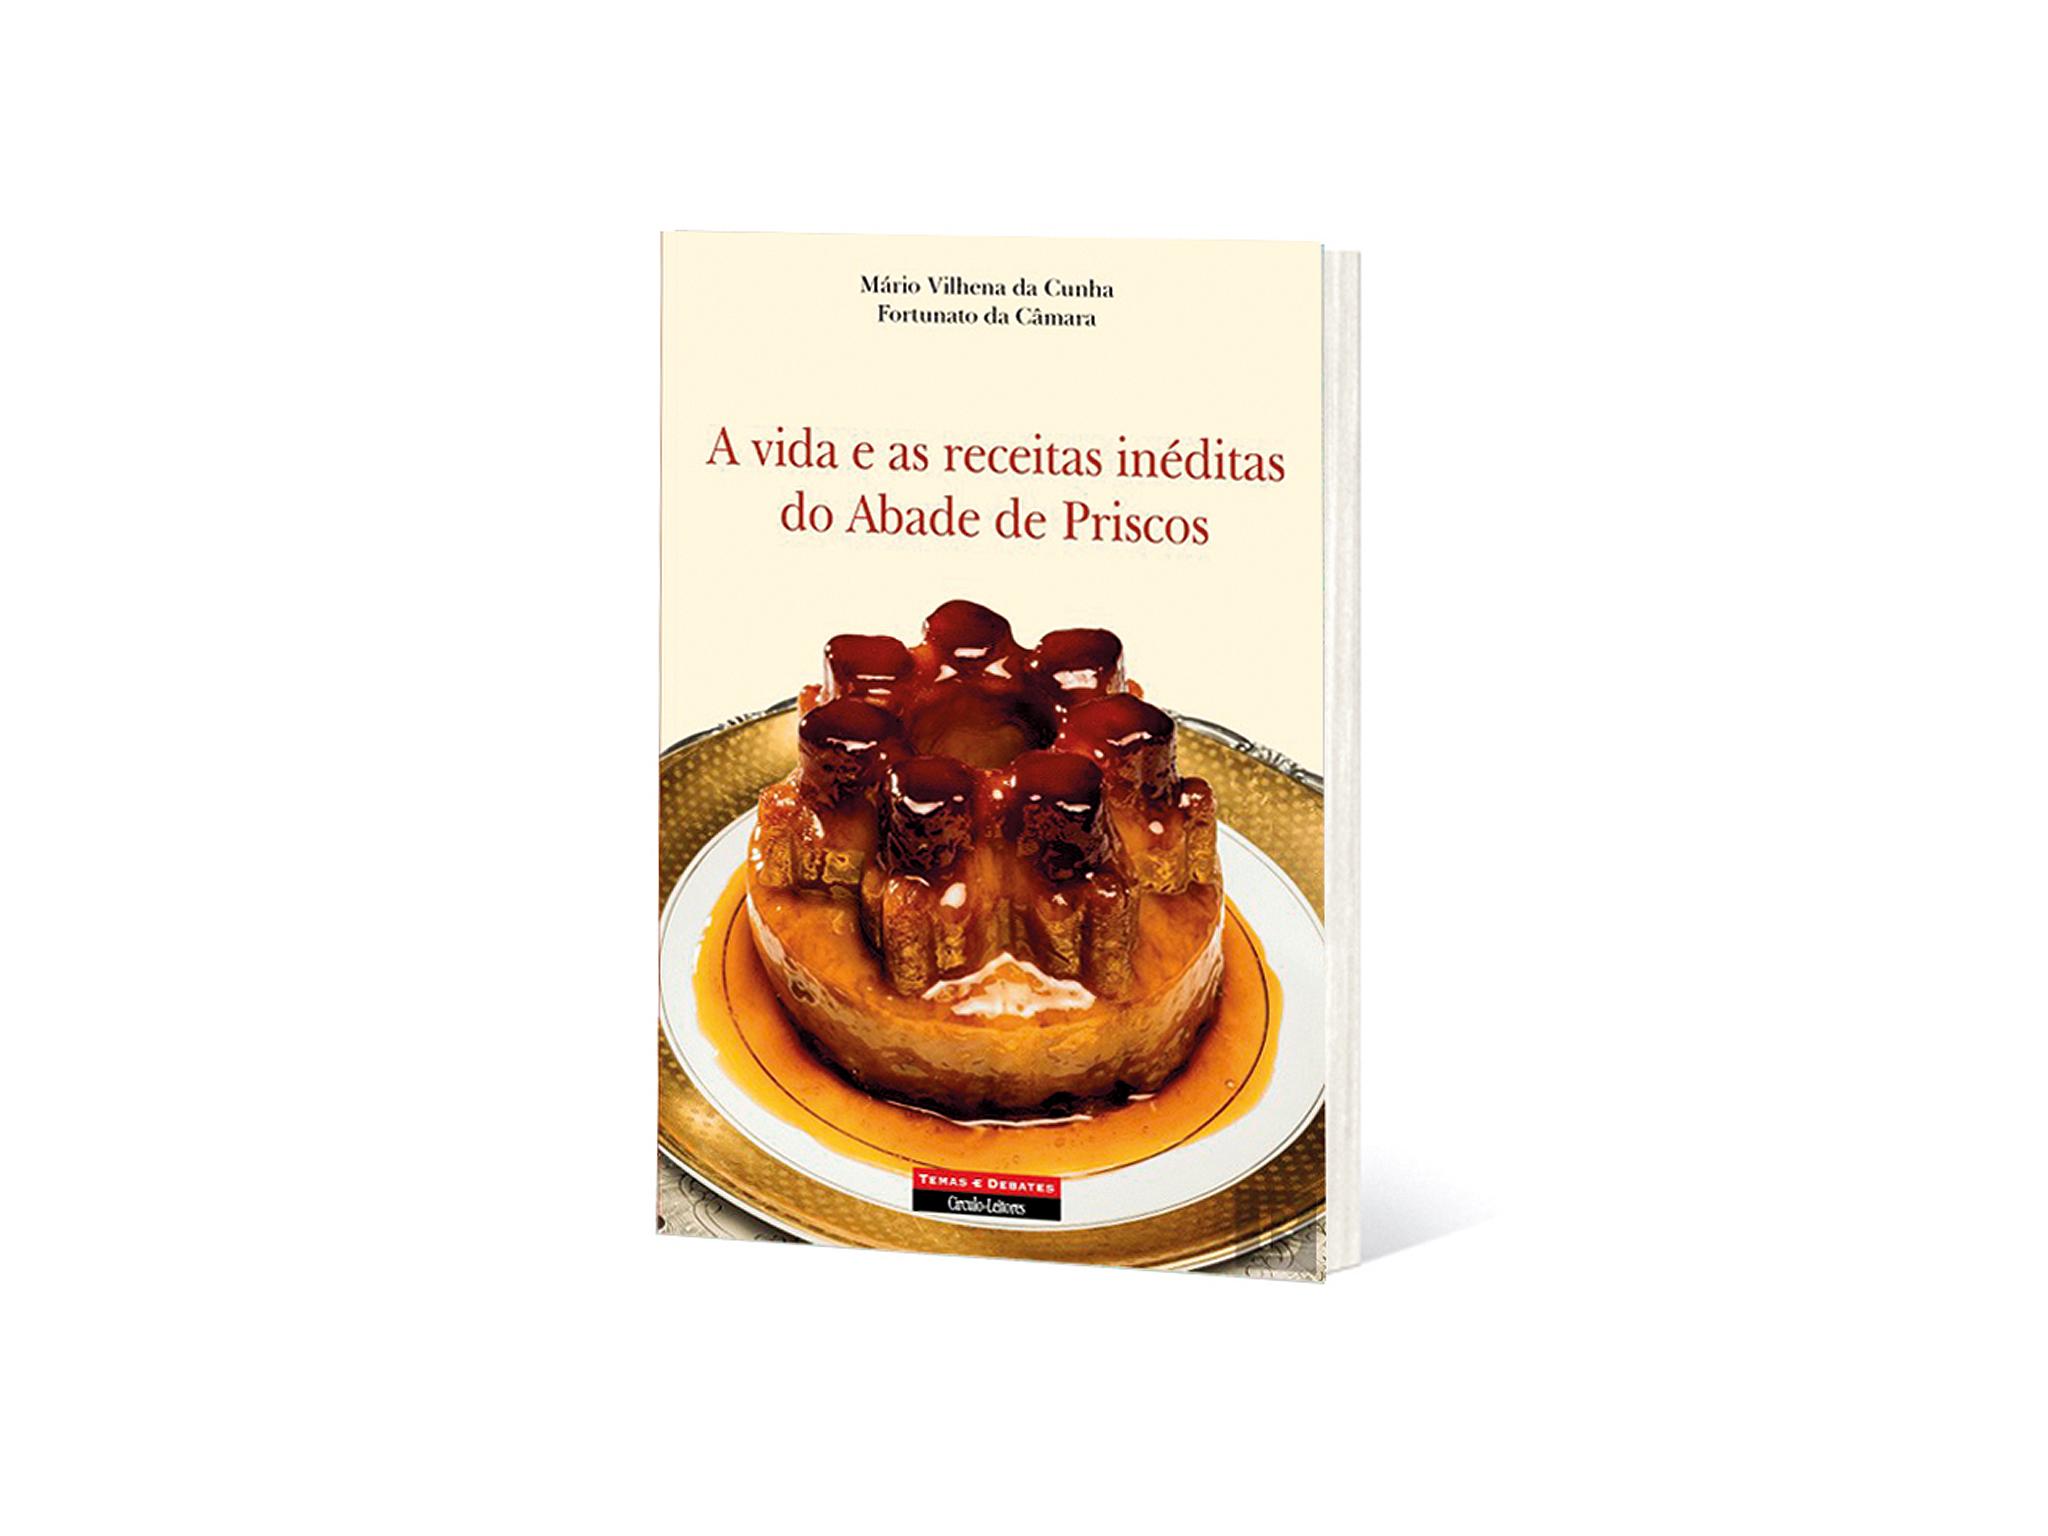 A Vida e as Receitas inéditas do Abade de Priscos - Mário Vilhena da Cunha e Fortunato da Camara